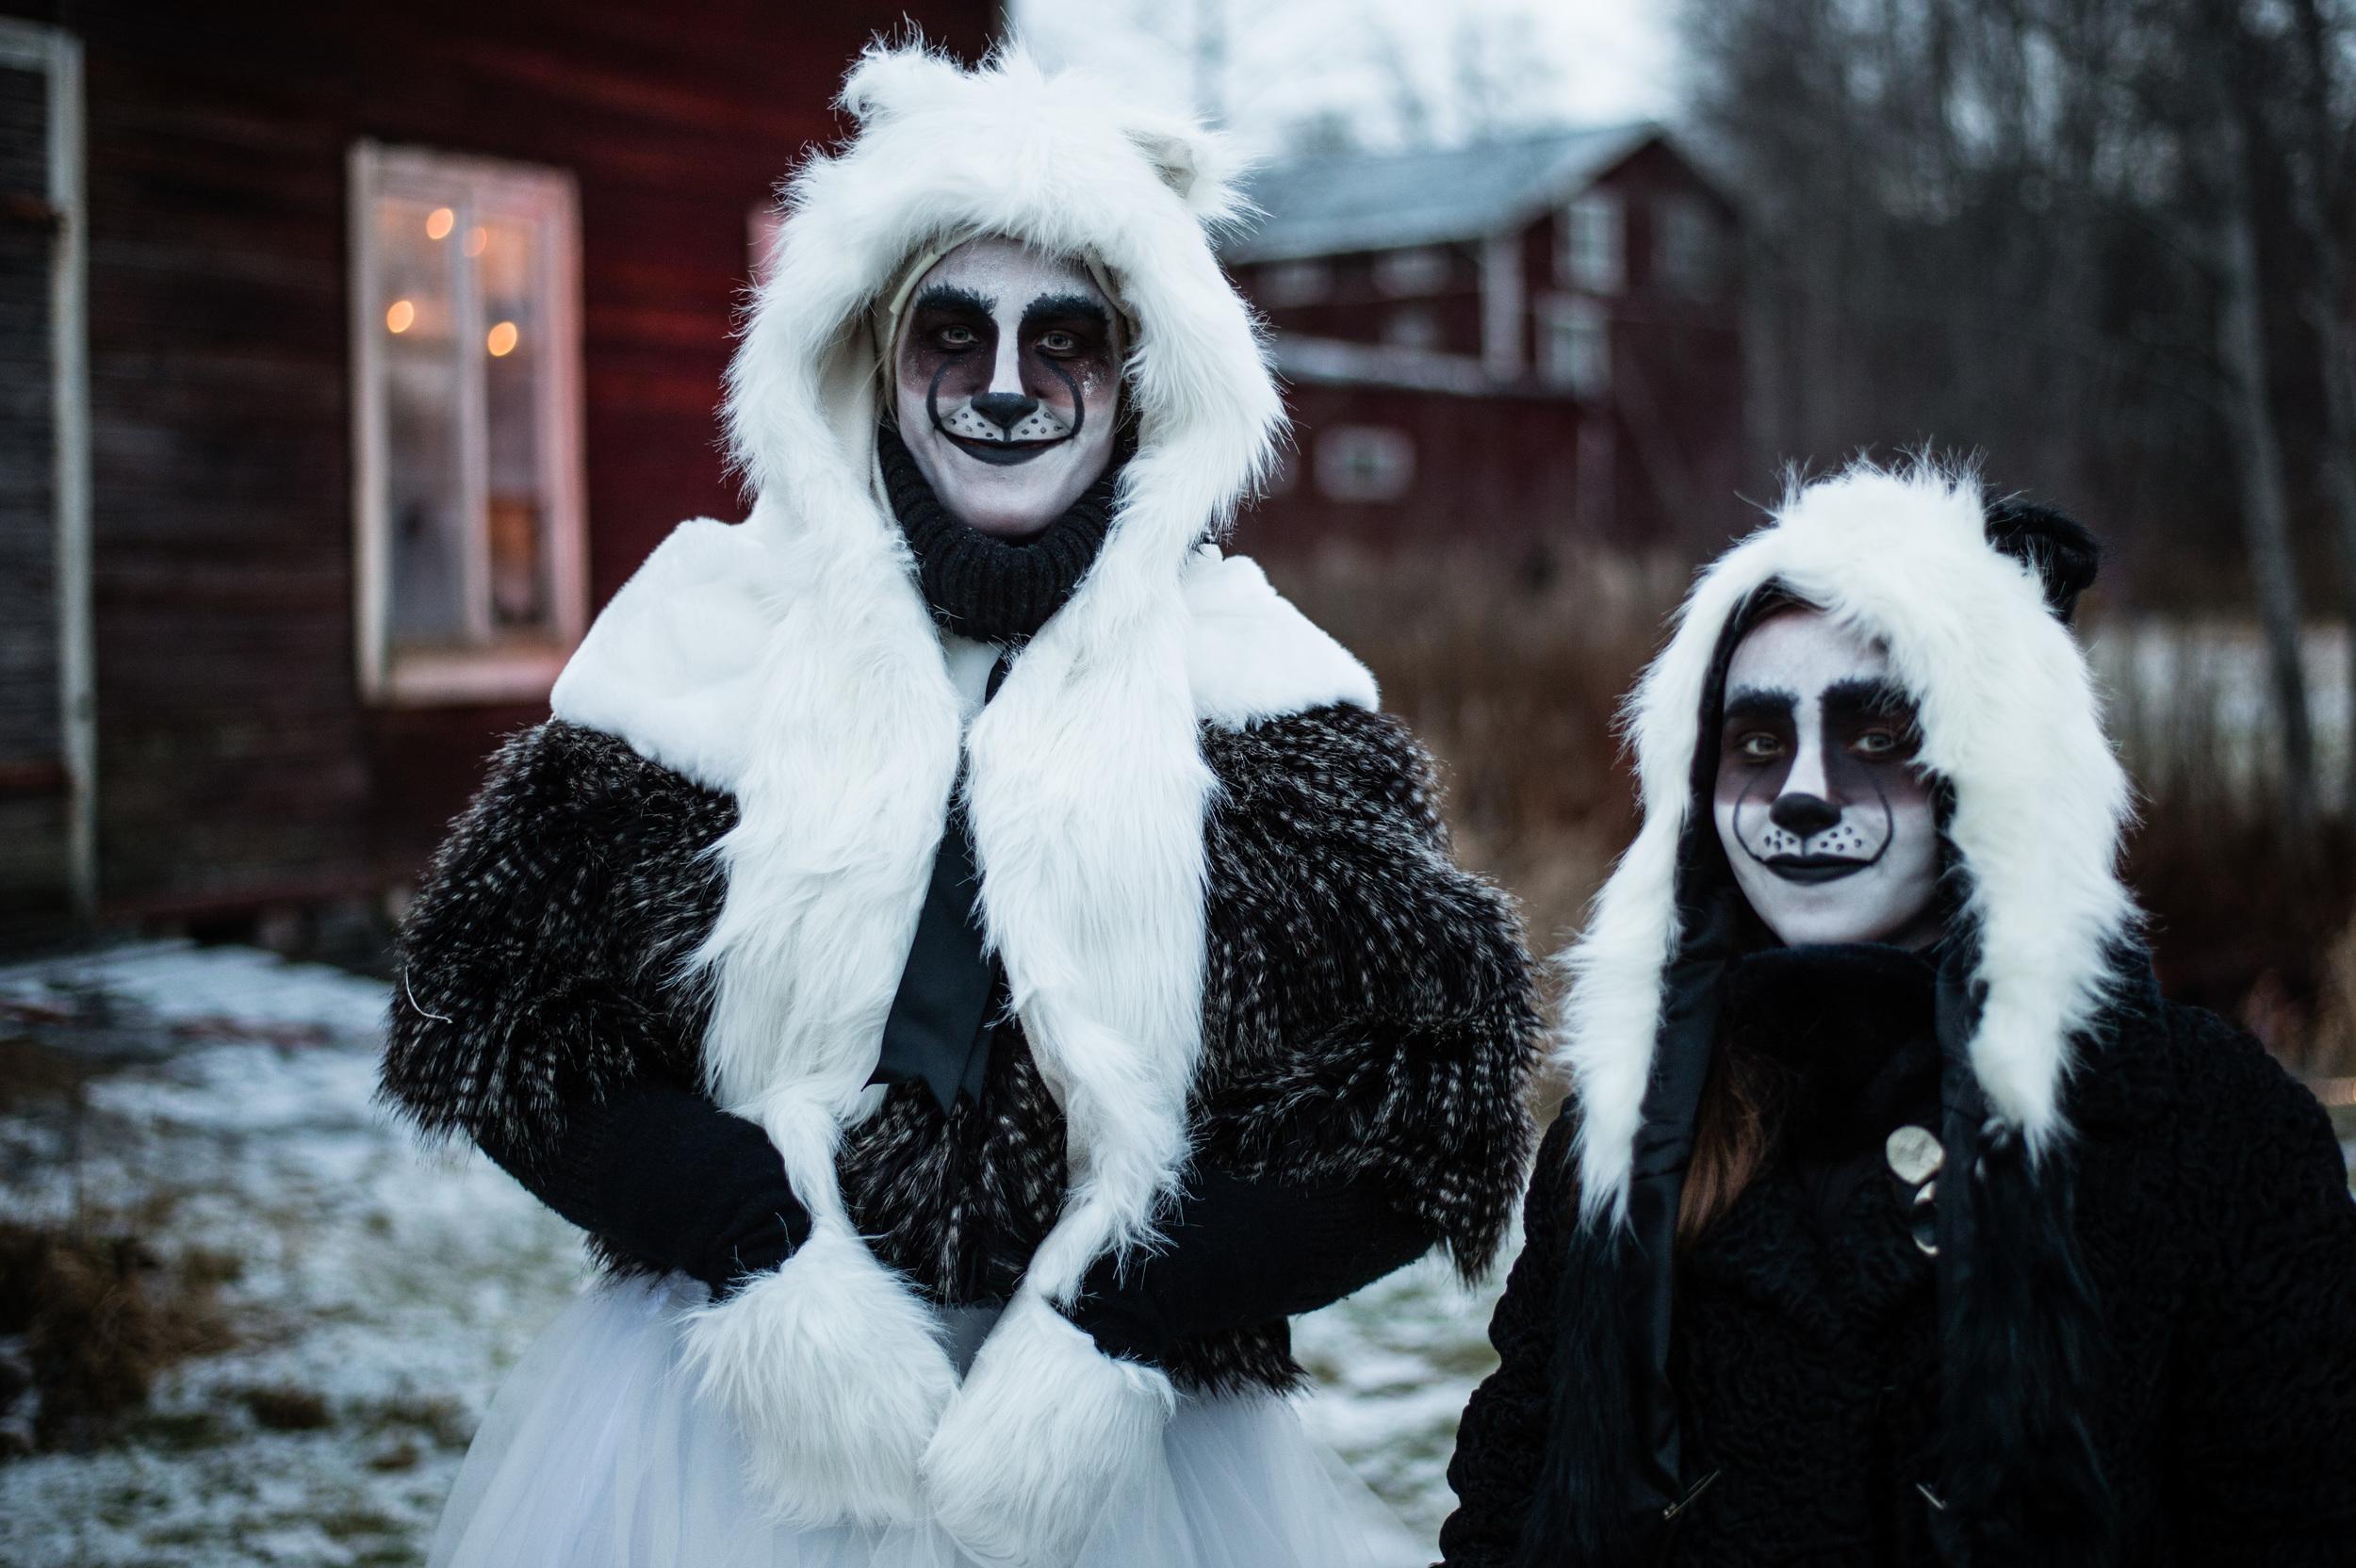 Midvinterglöd 2014 - Vinterväsen